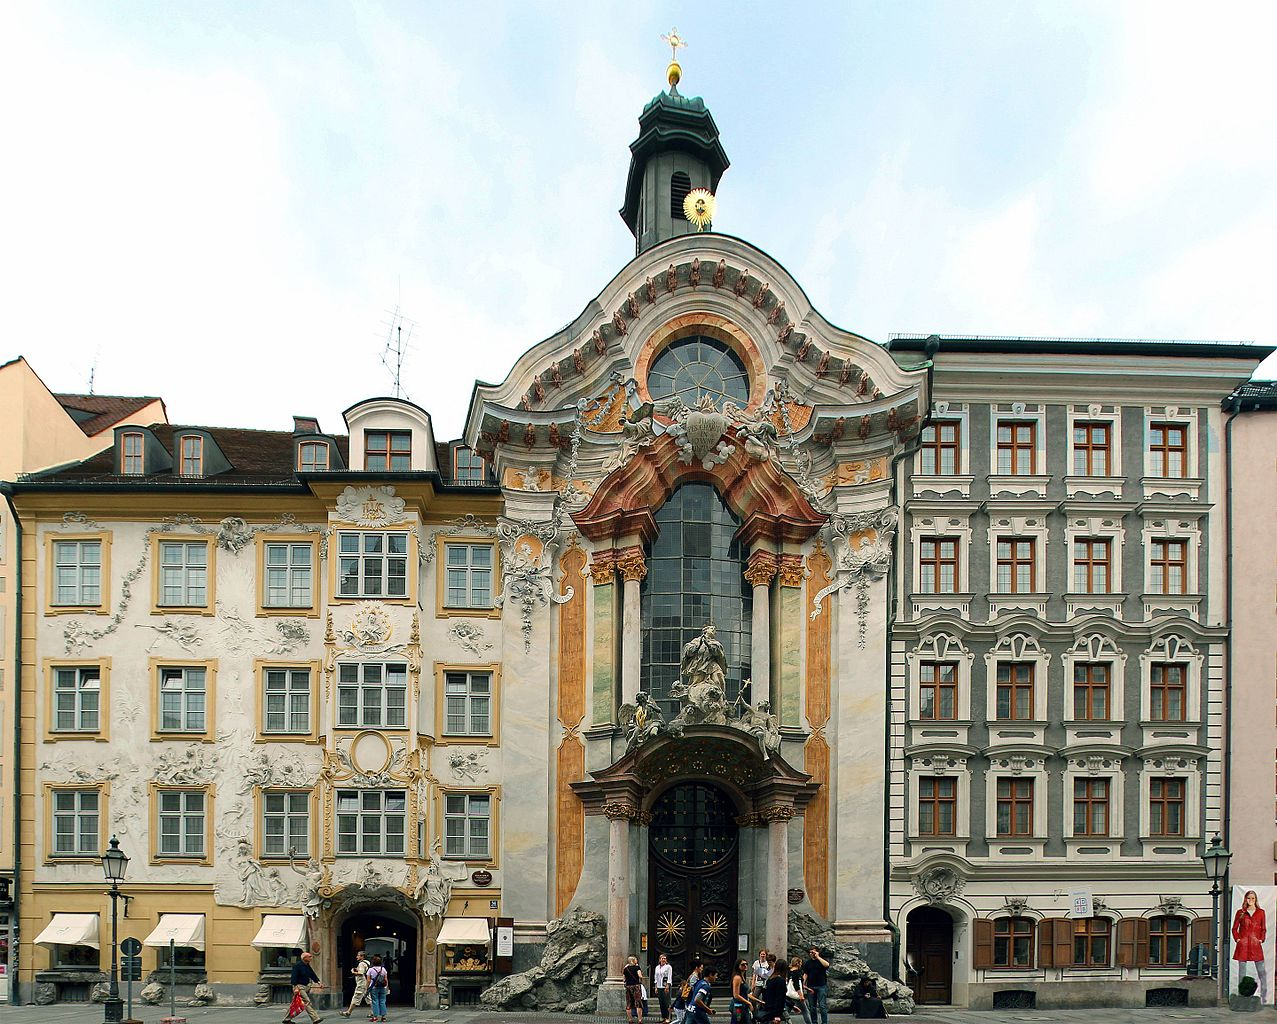 Азамкирхе — церковь святого Иоанна Непомуцкого в Мюнхене